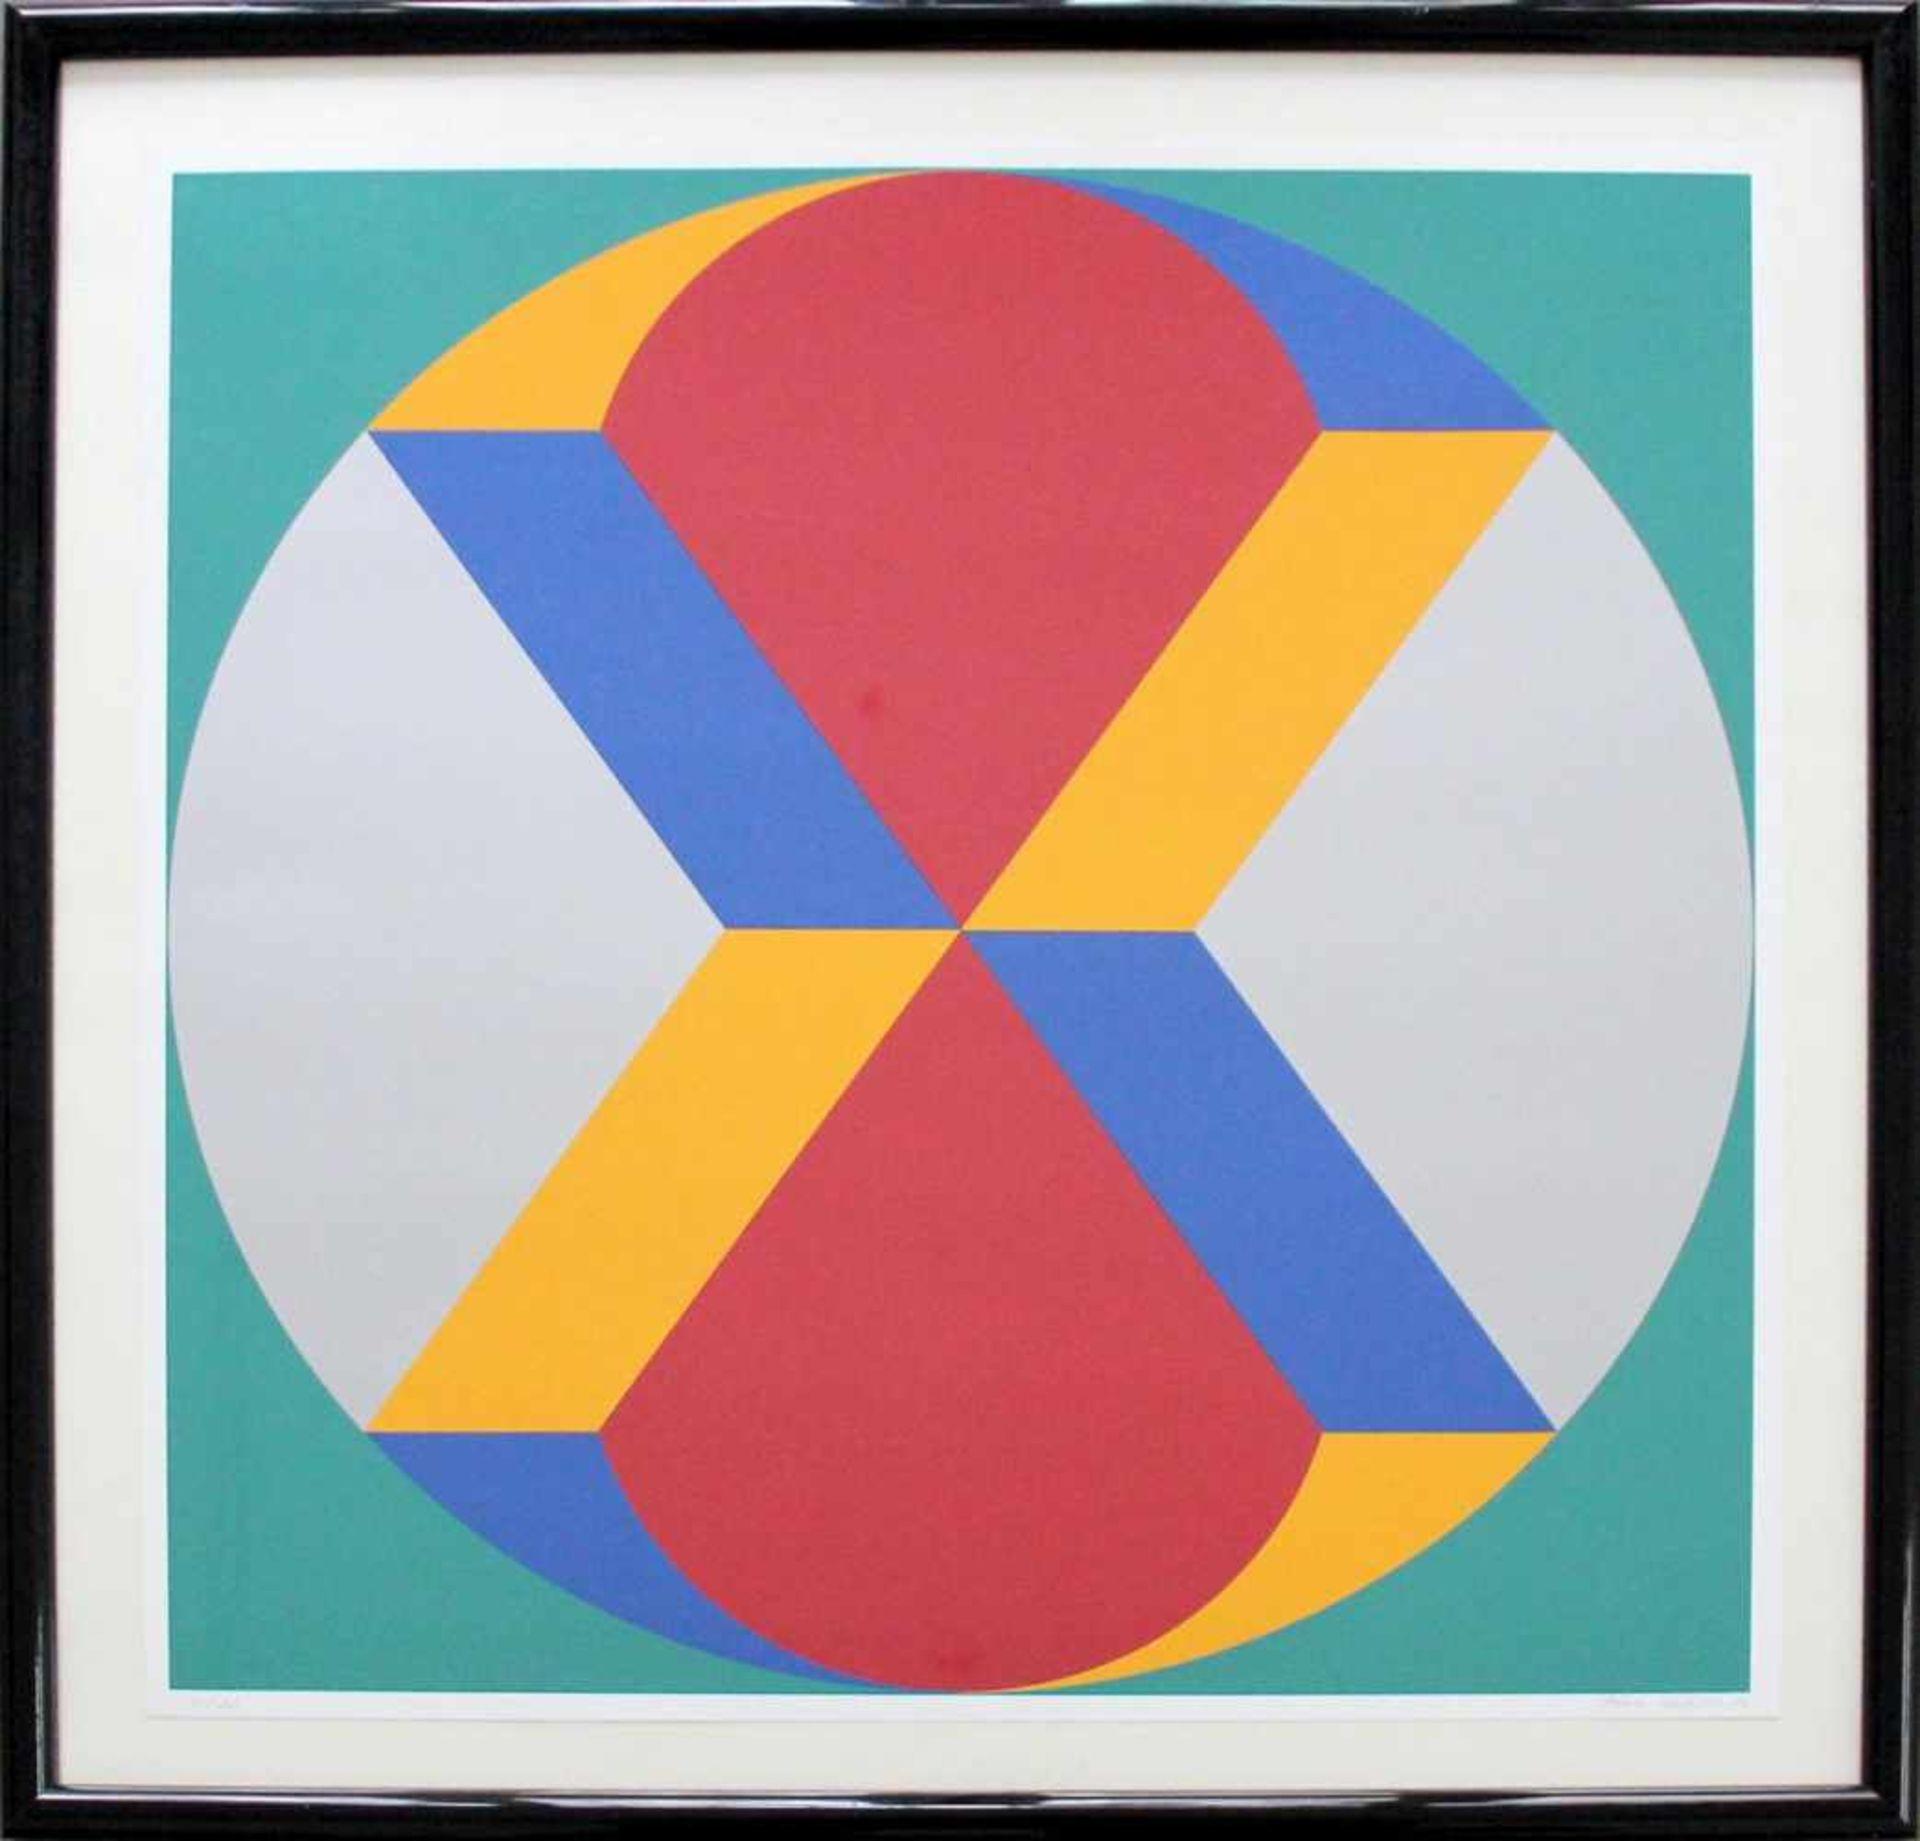 Marc Adrian 1930-2008 Poems Inventionistes II 1973 Farbserigraphie handsigniert und nummeriert 72/ - Bild 2 aus 4